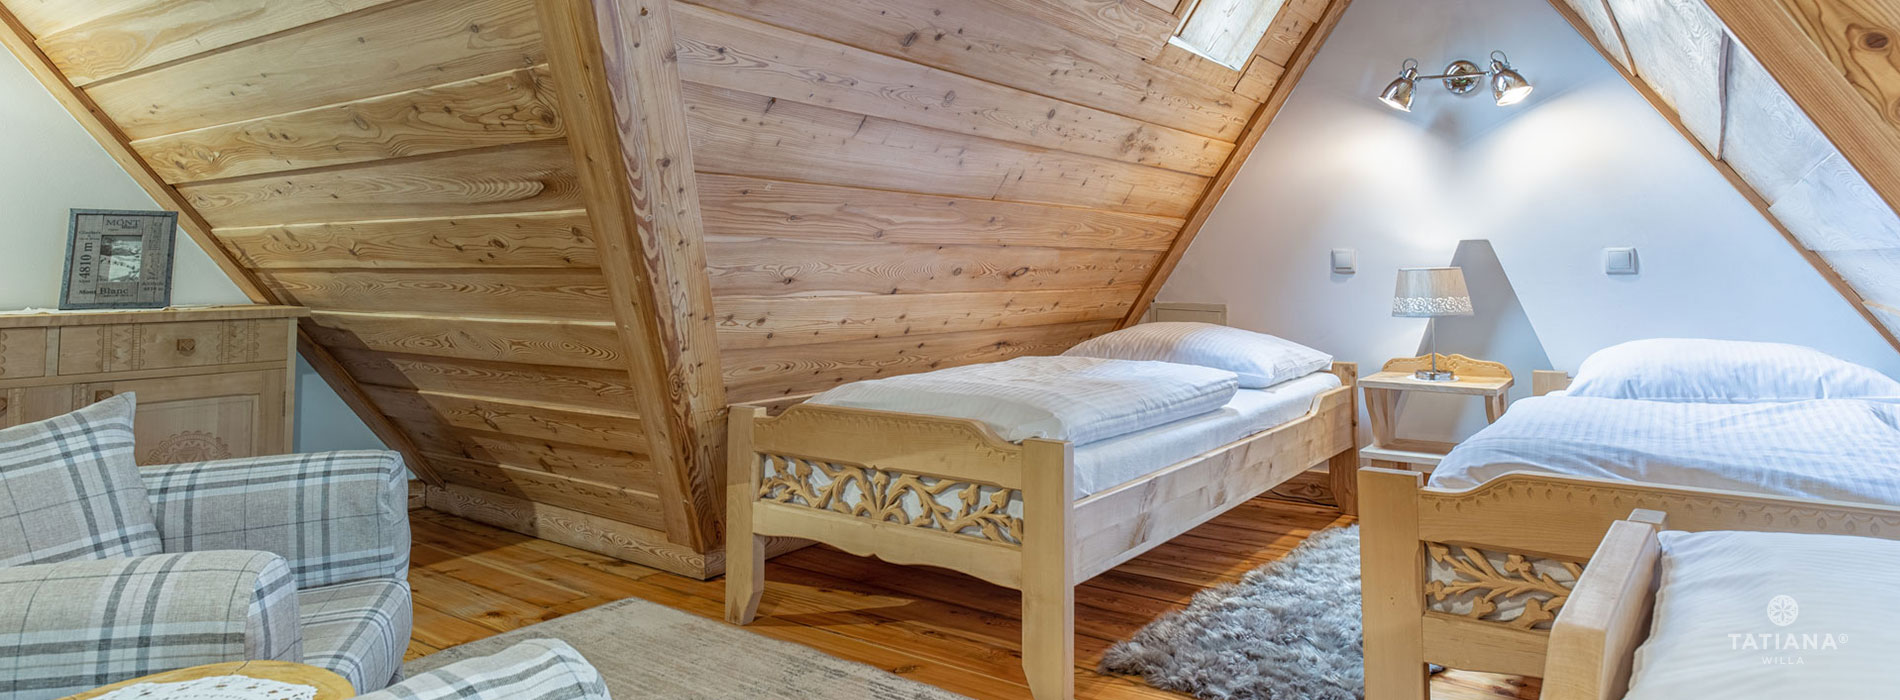 Apartment Premium 8 - Second bedroom